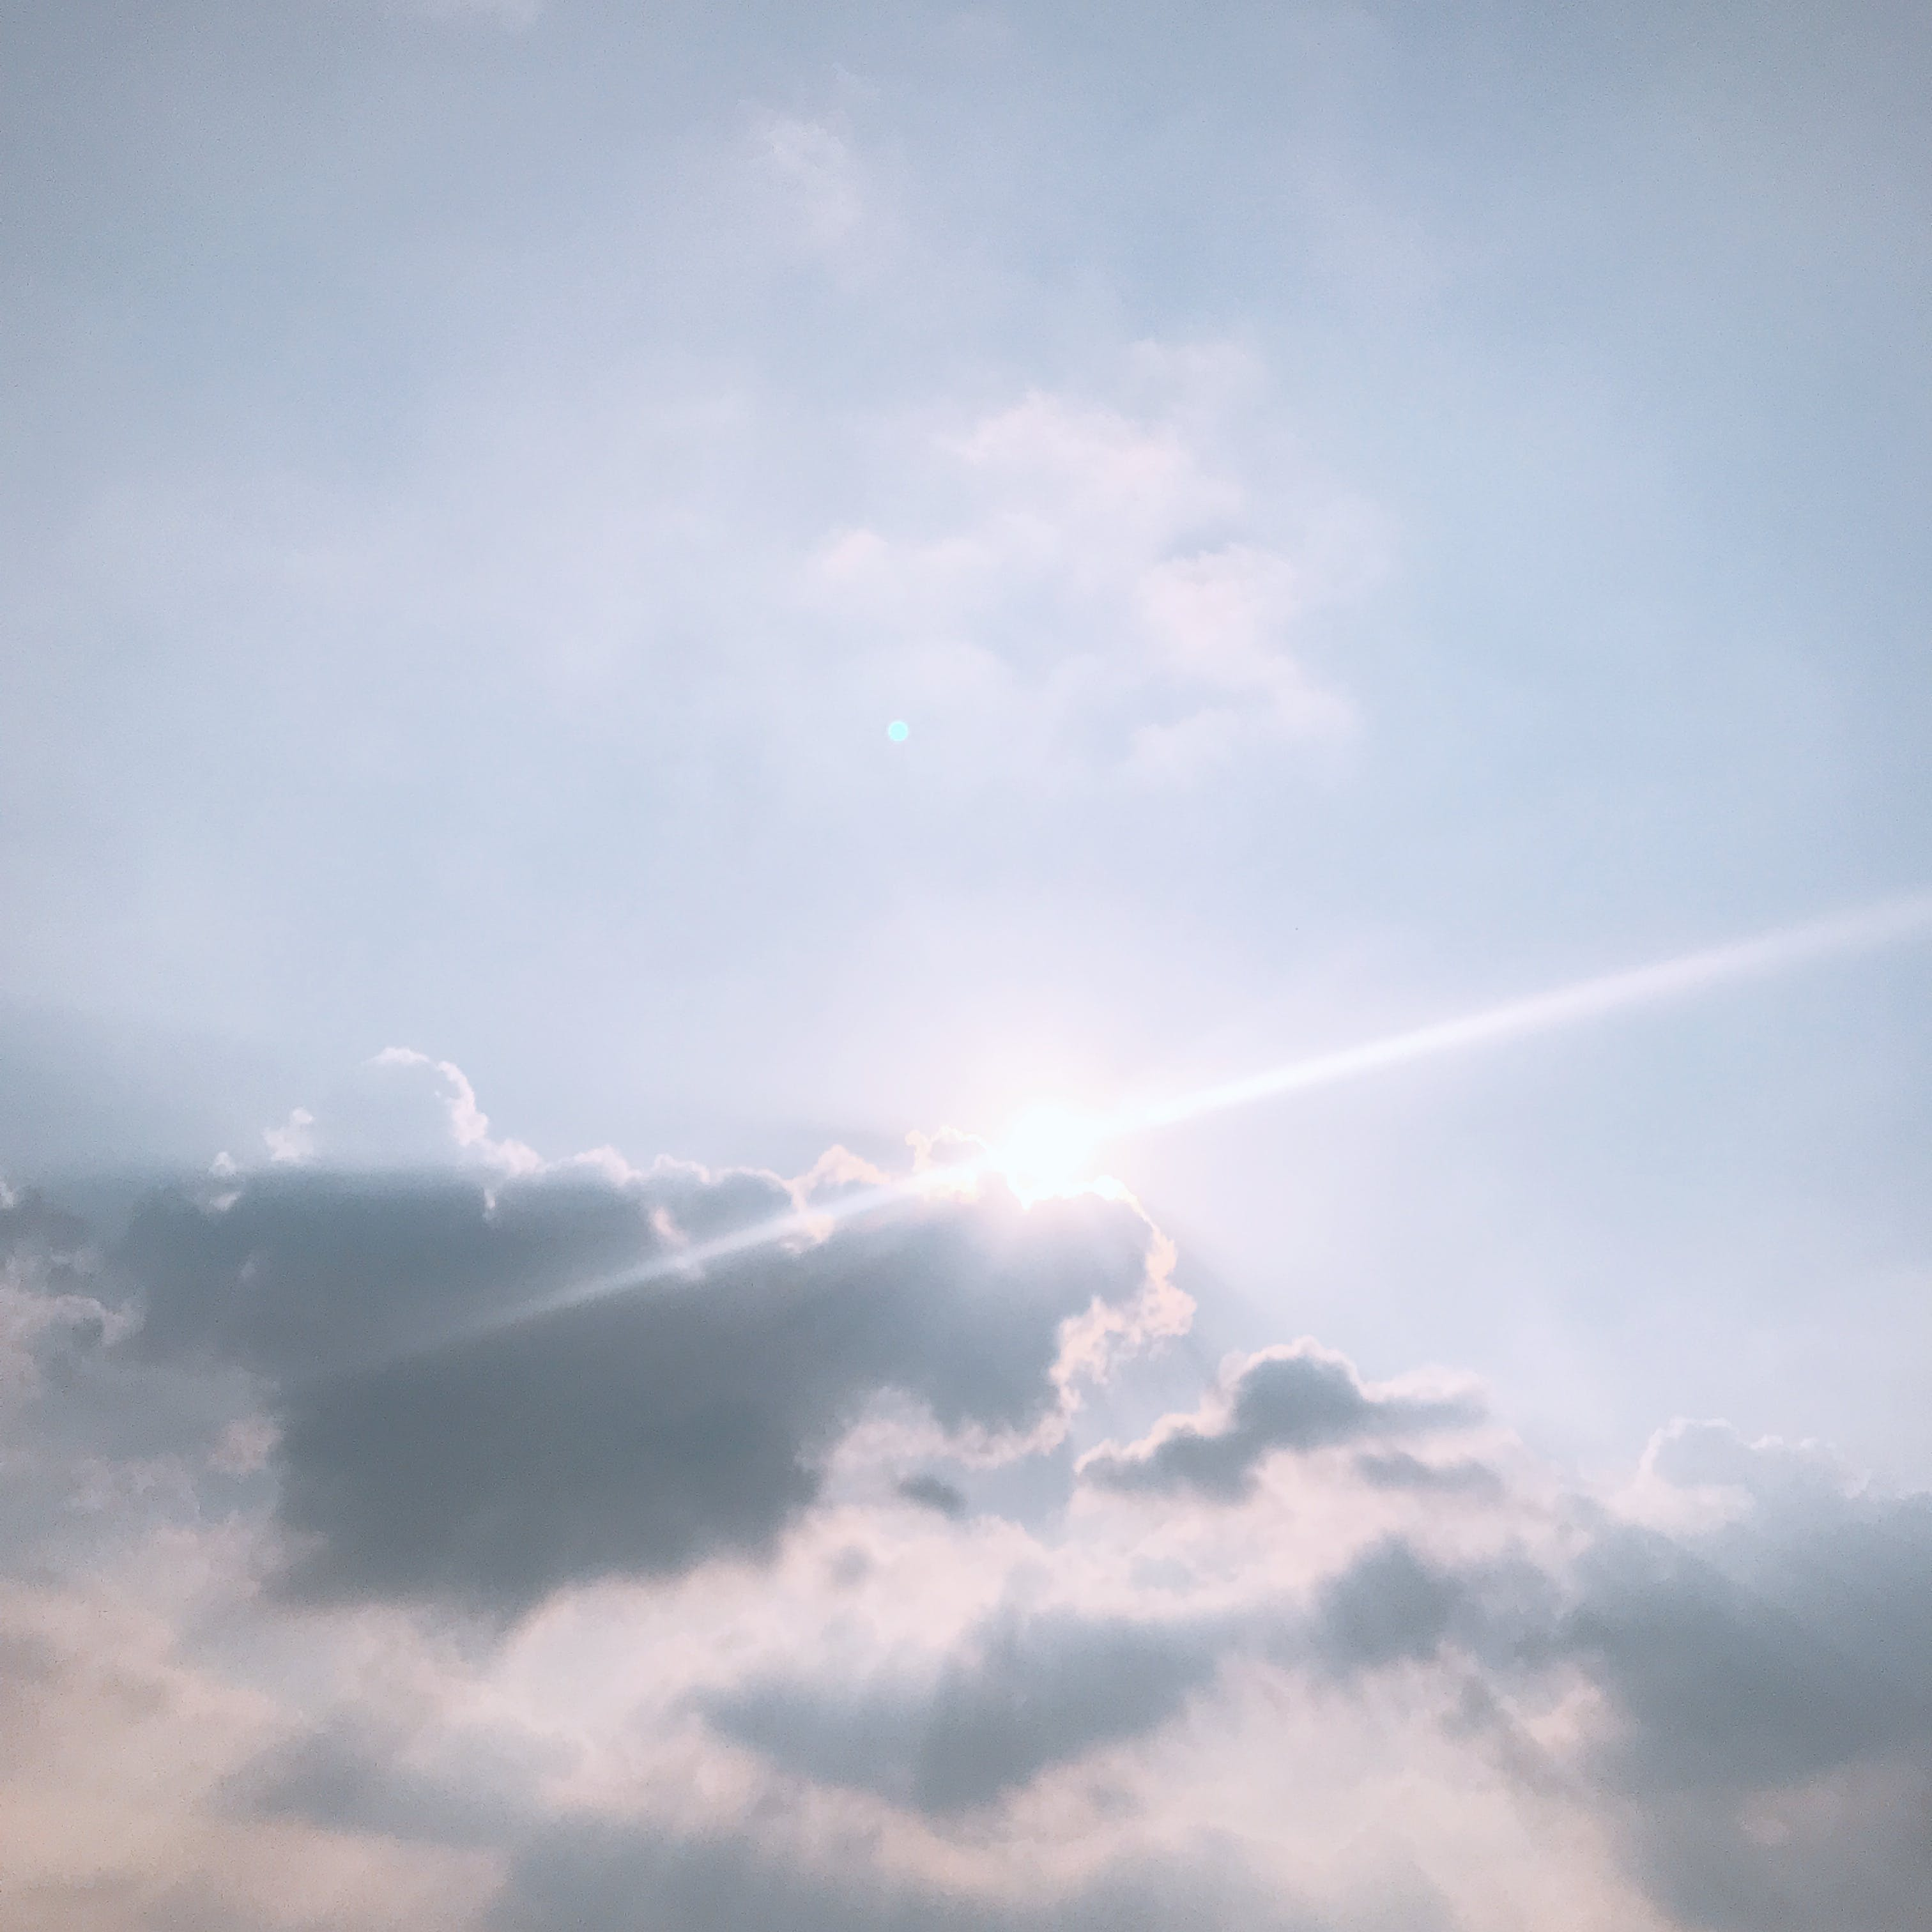 구름, 분위기, 천국, 하늘의 무료 스톡 사진